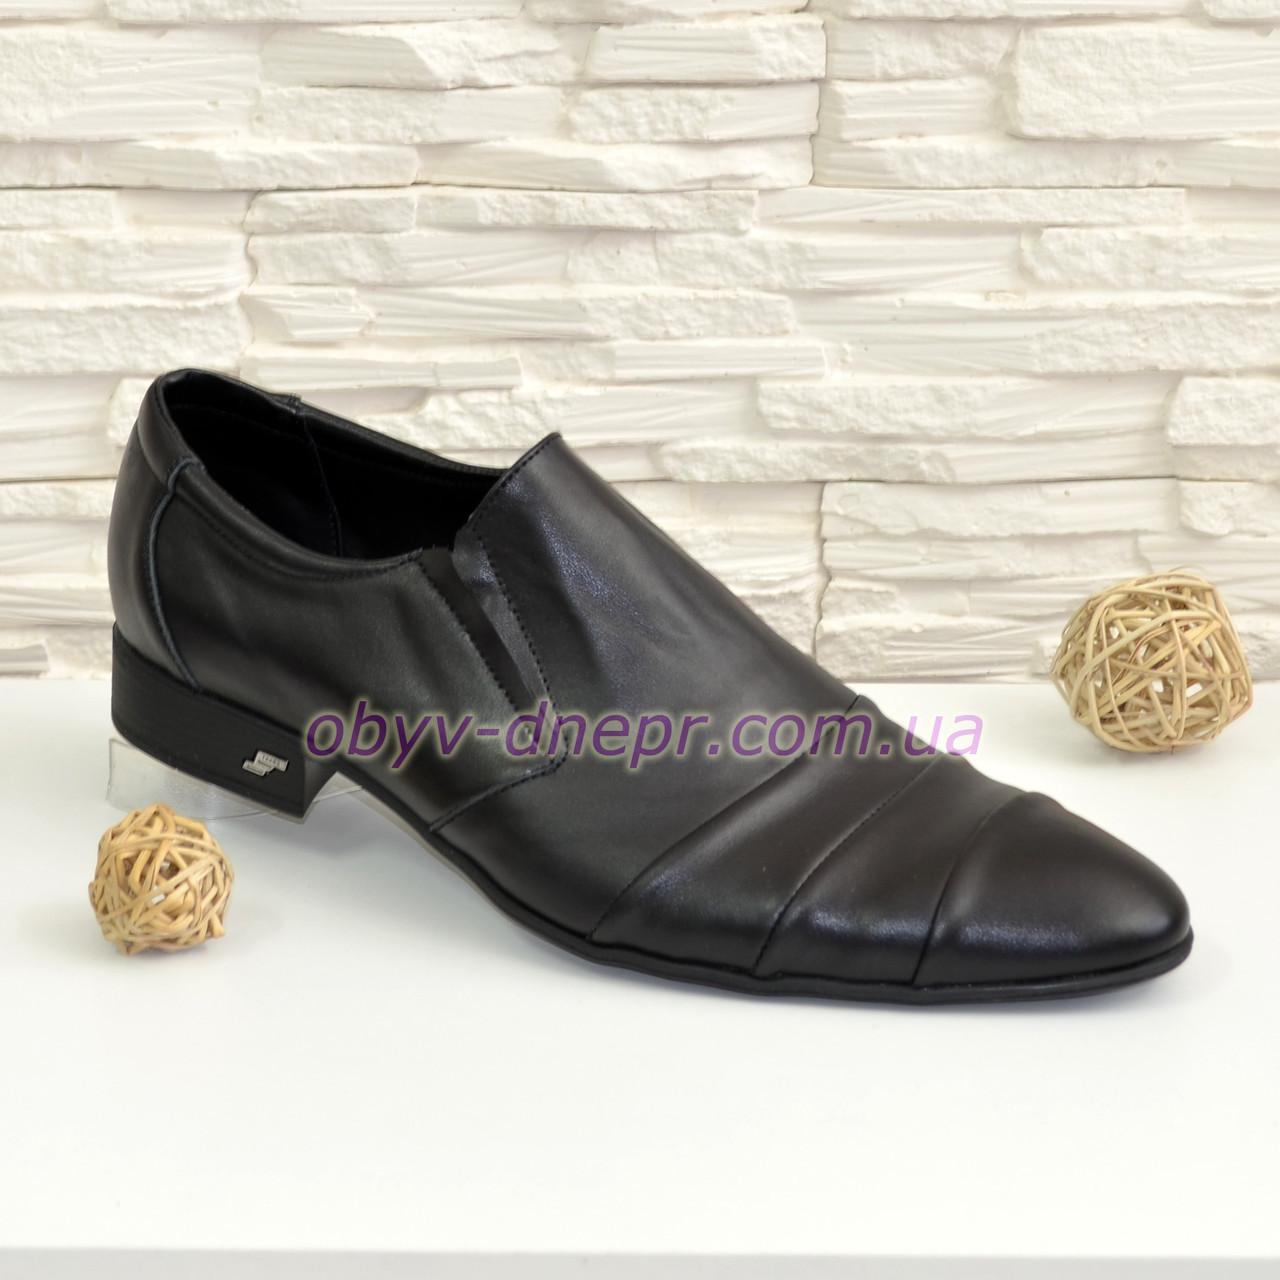 Мужские туфли классические из натуральной кожи